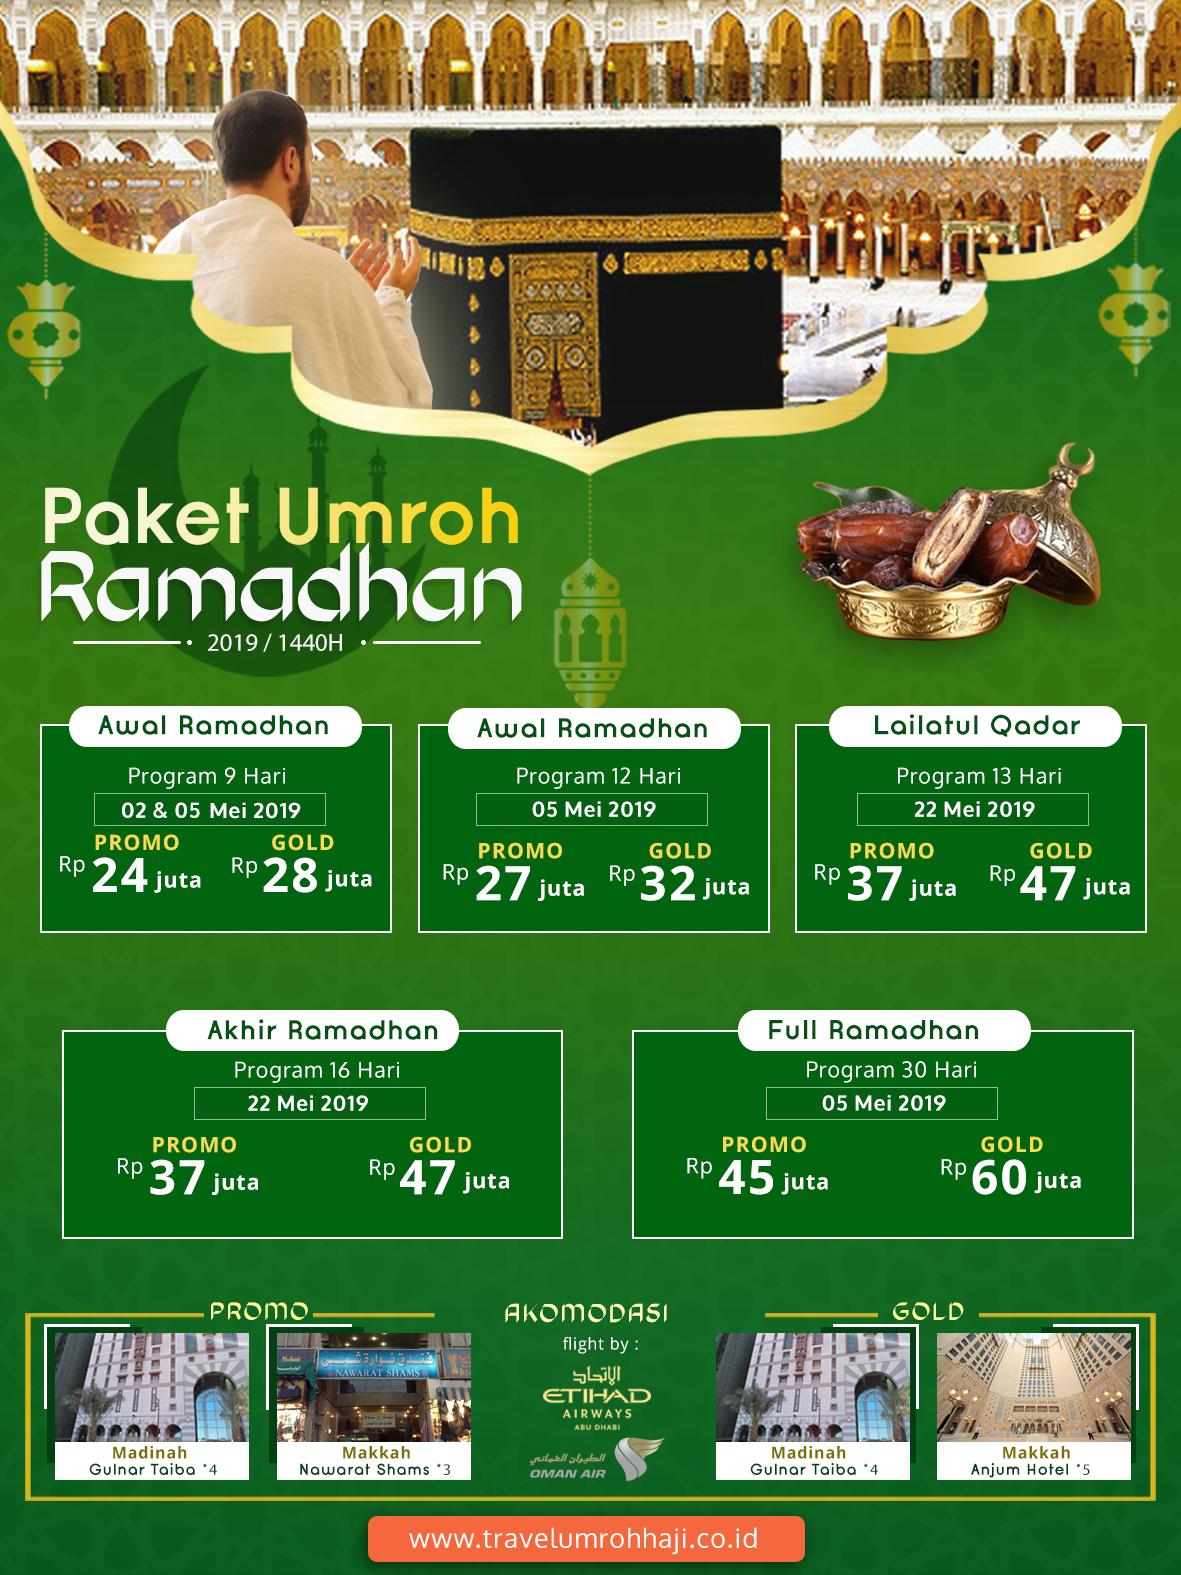 Jadwal Umroh Ramadhan 2019 Biaya Paket Murah ada Promo